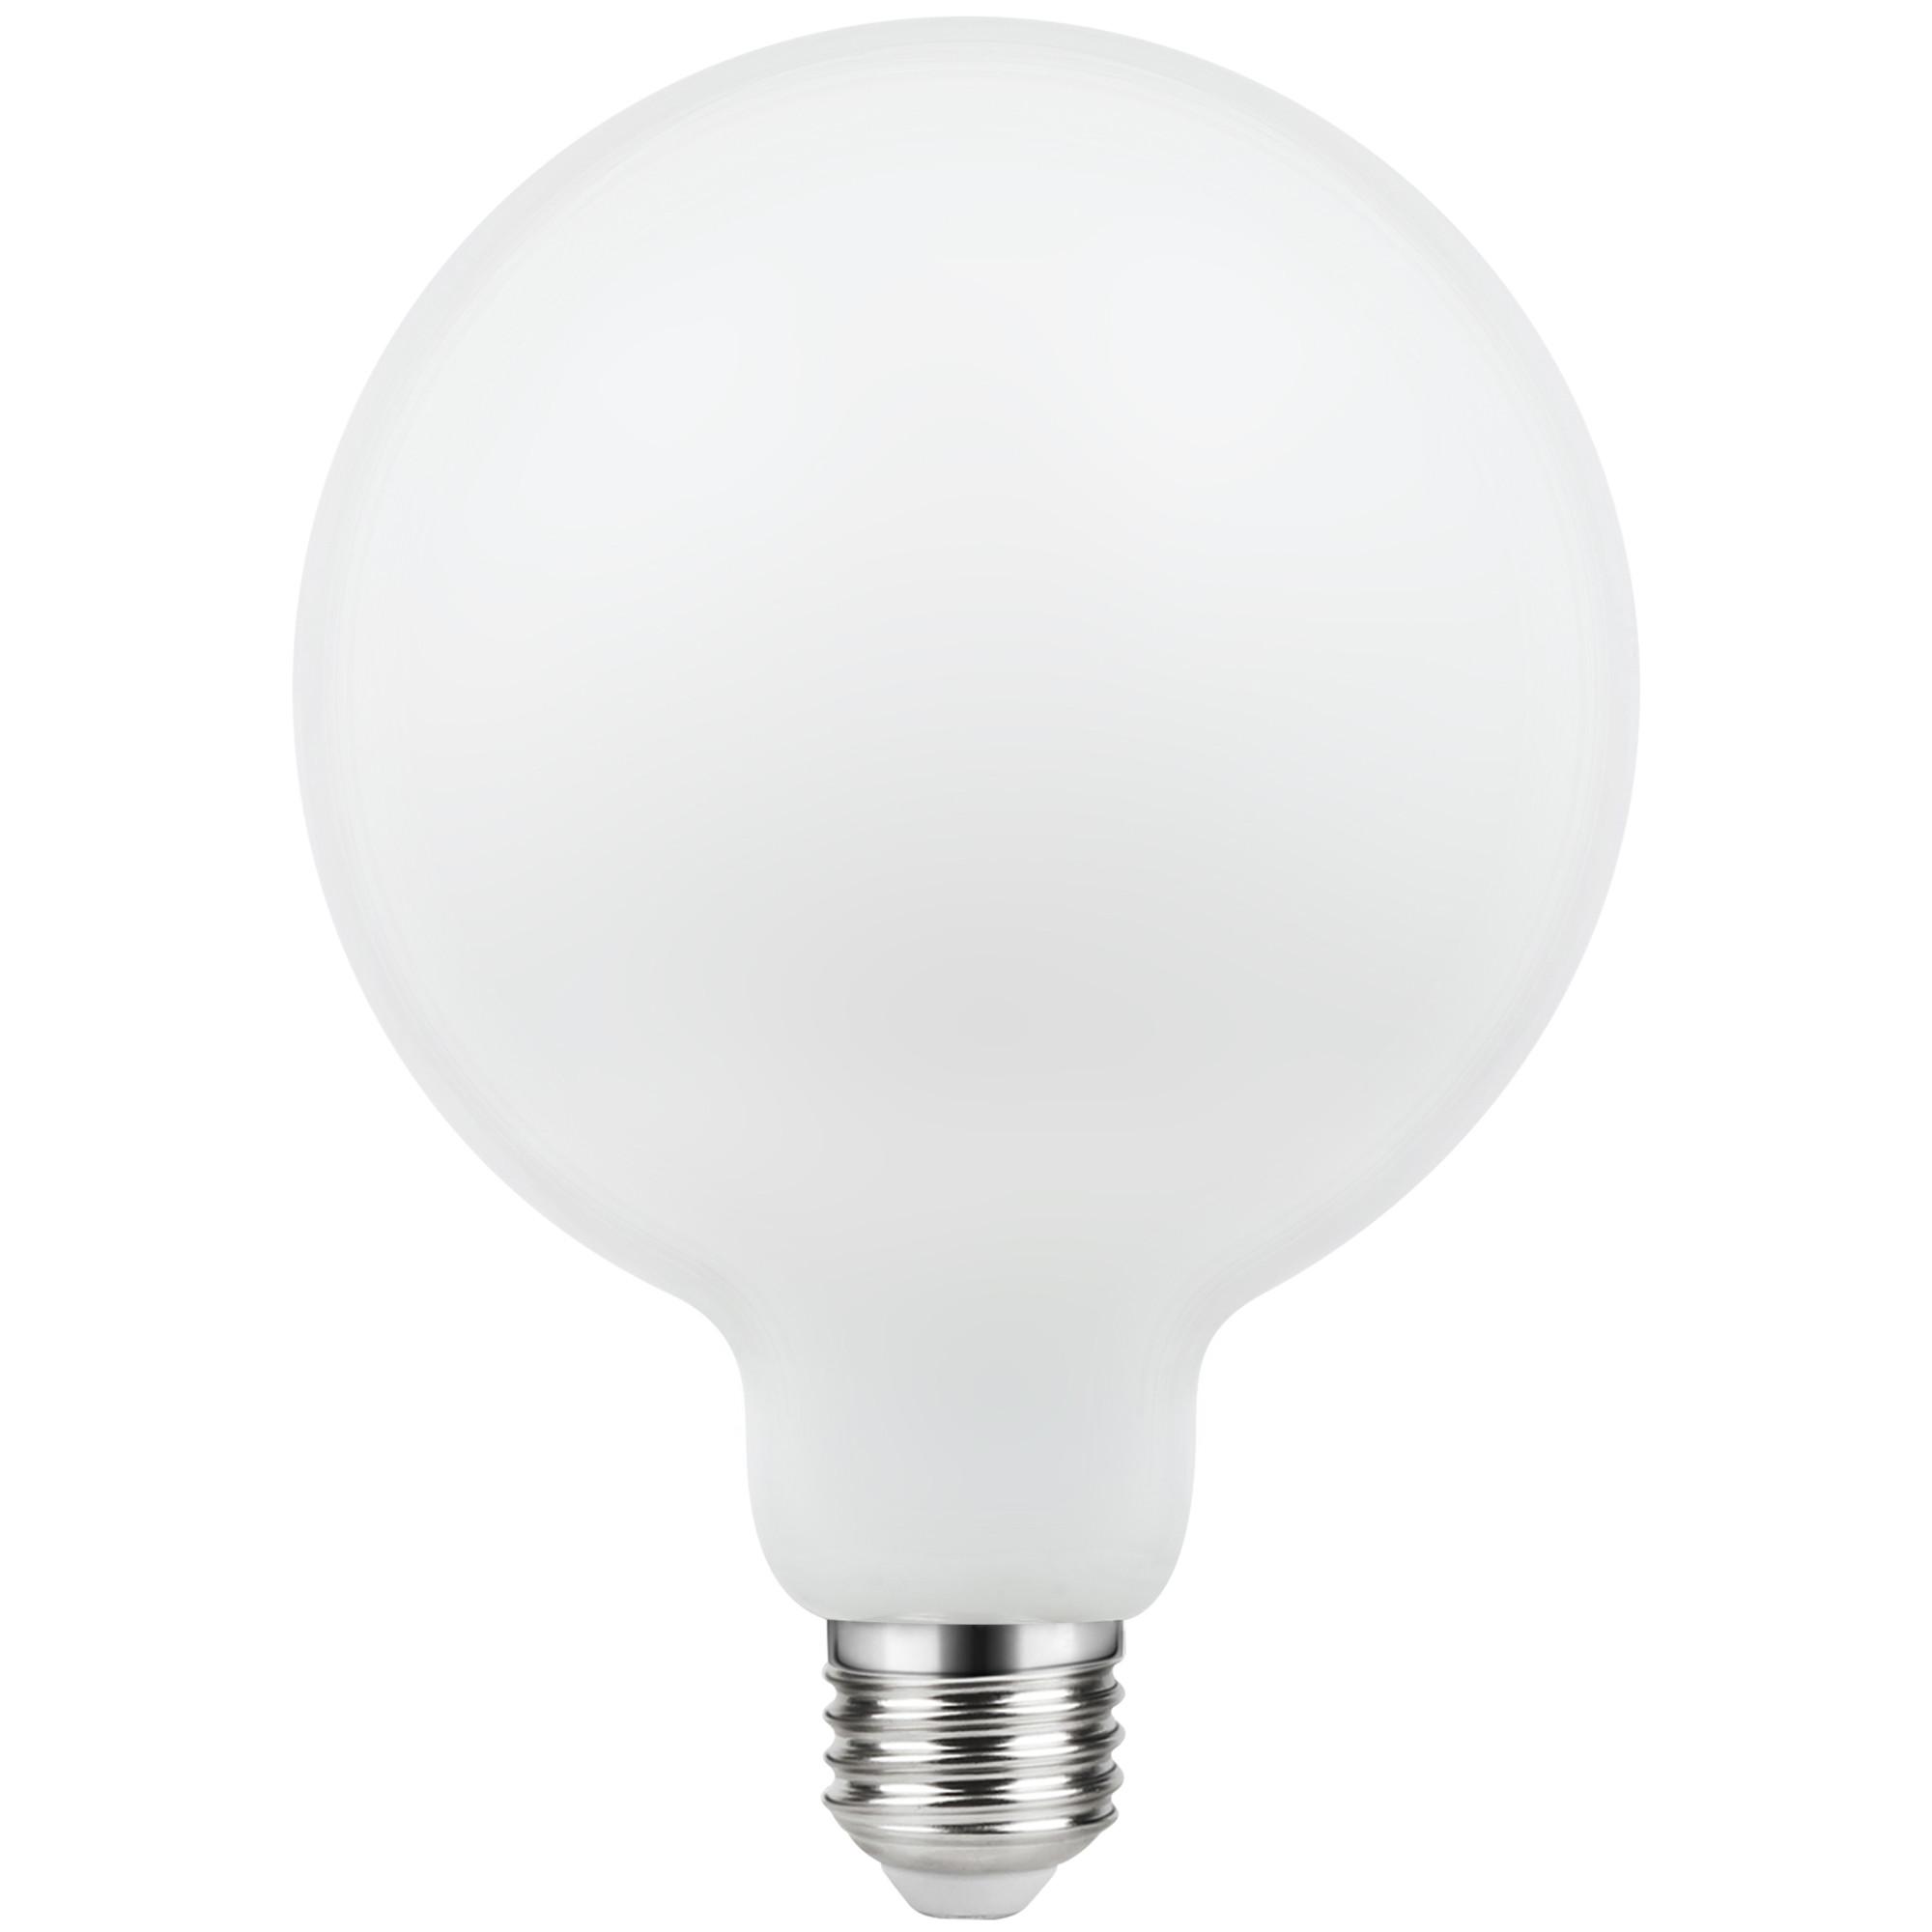 Лампа светодиодная филаментная Lexman E27 220 В 10.5 Вт шар матовый 1521 лм белый свет